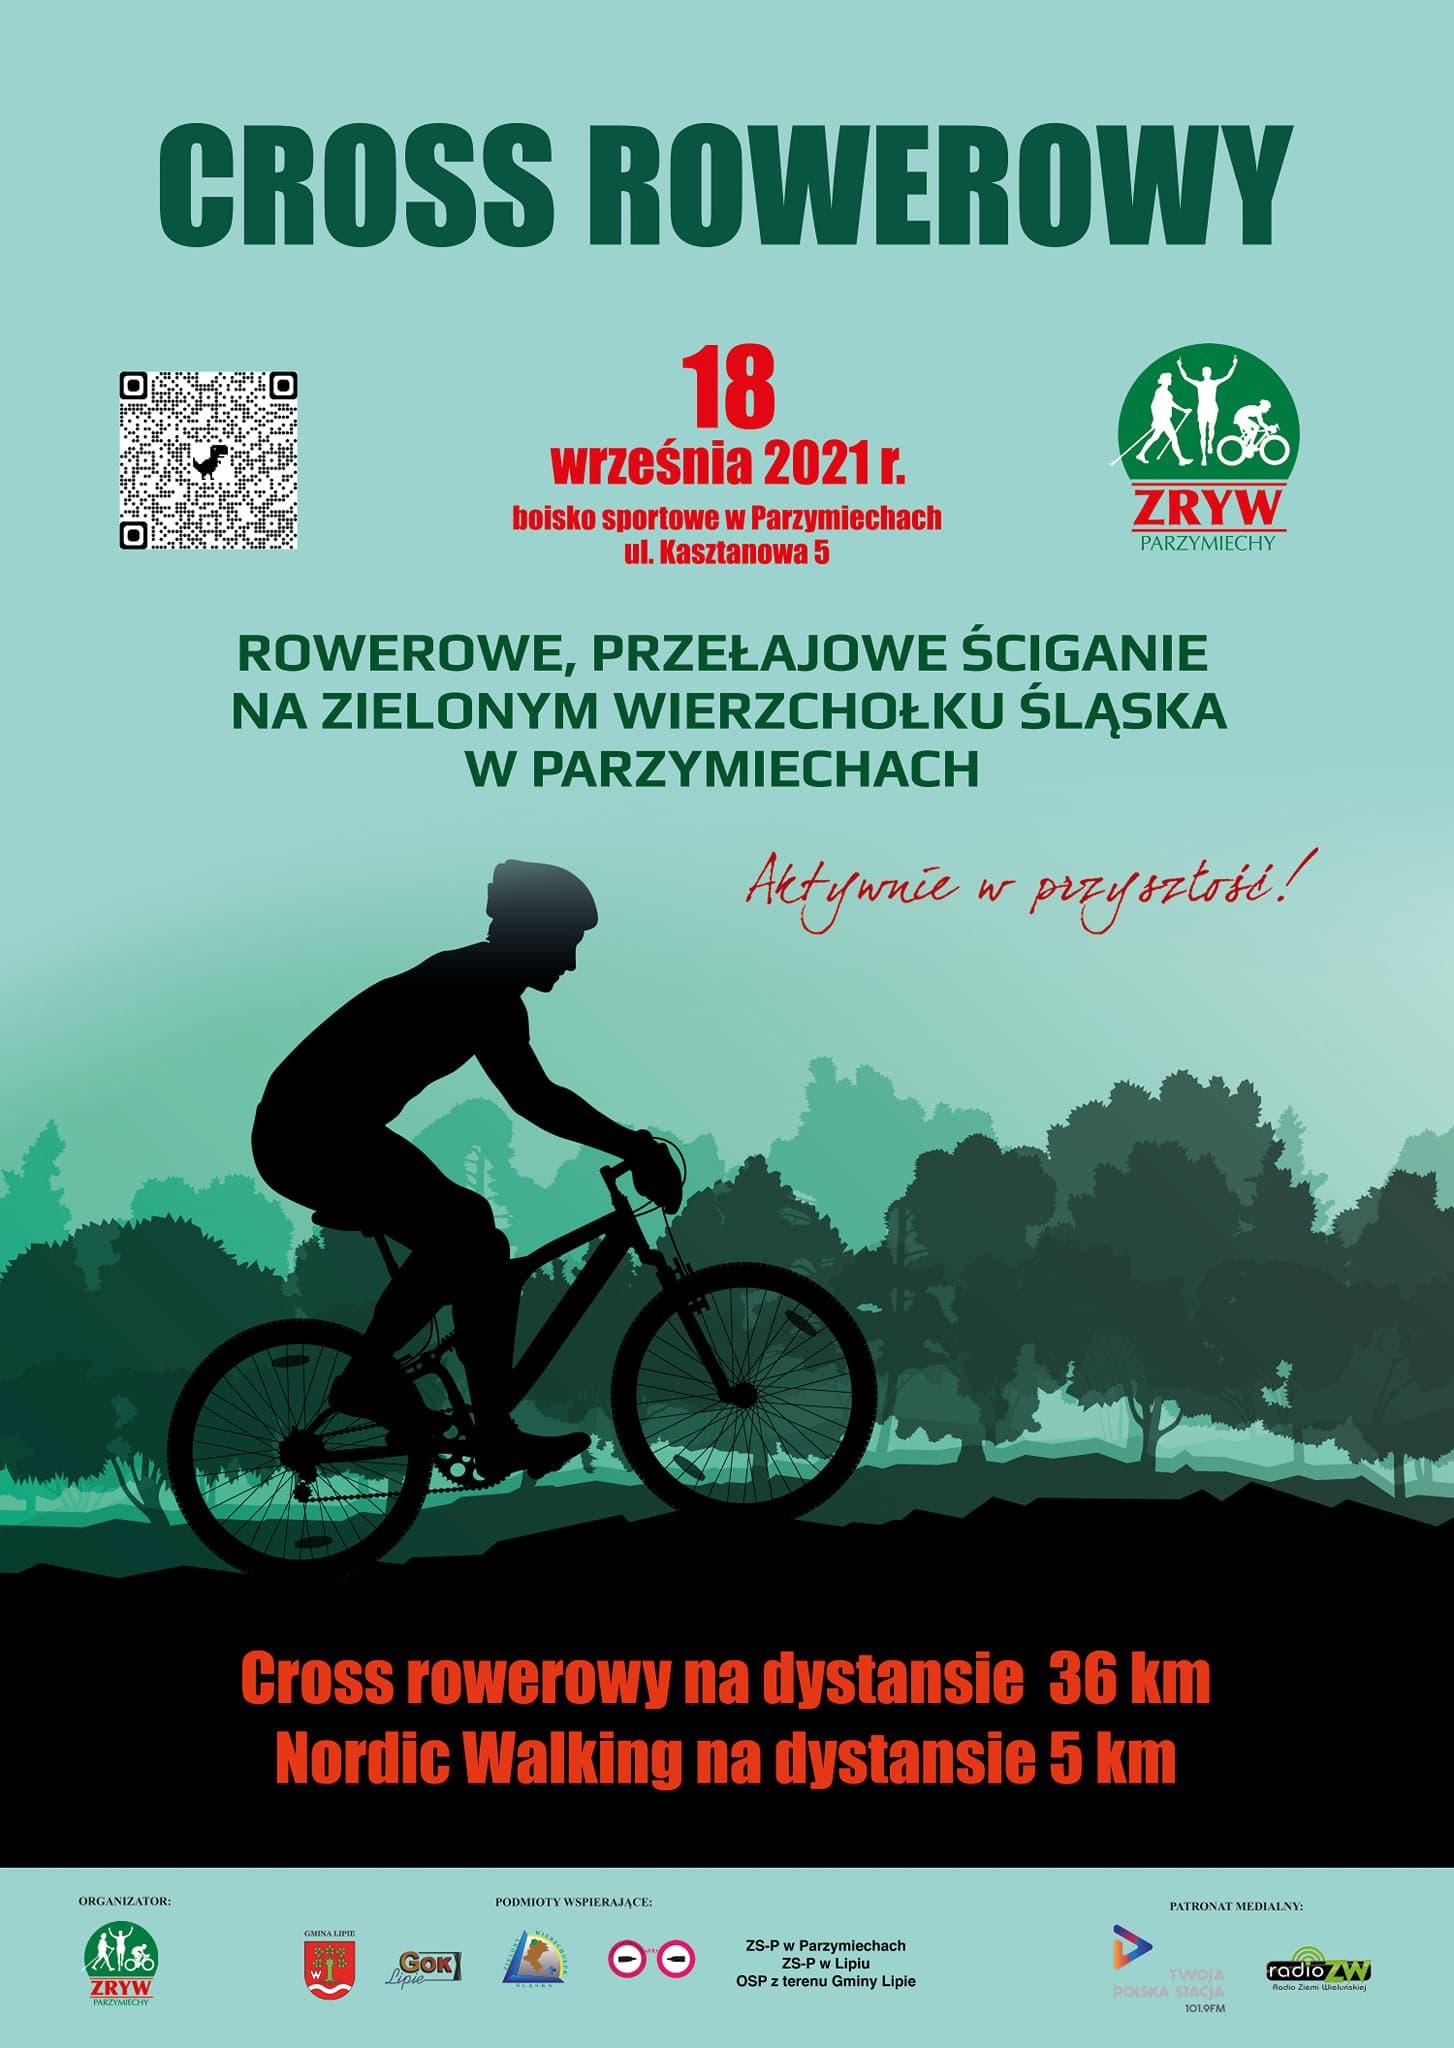 Przełajowe Ściganie Na Zielonym Wierzchołku Śląska w Parzymiechach (cross rowerowy)